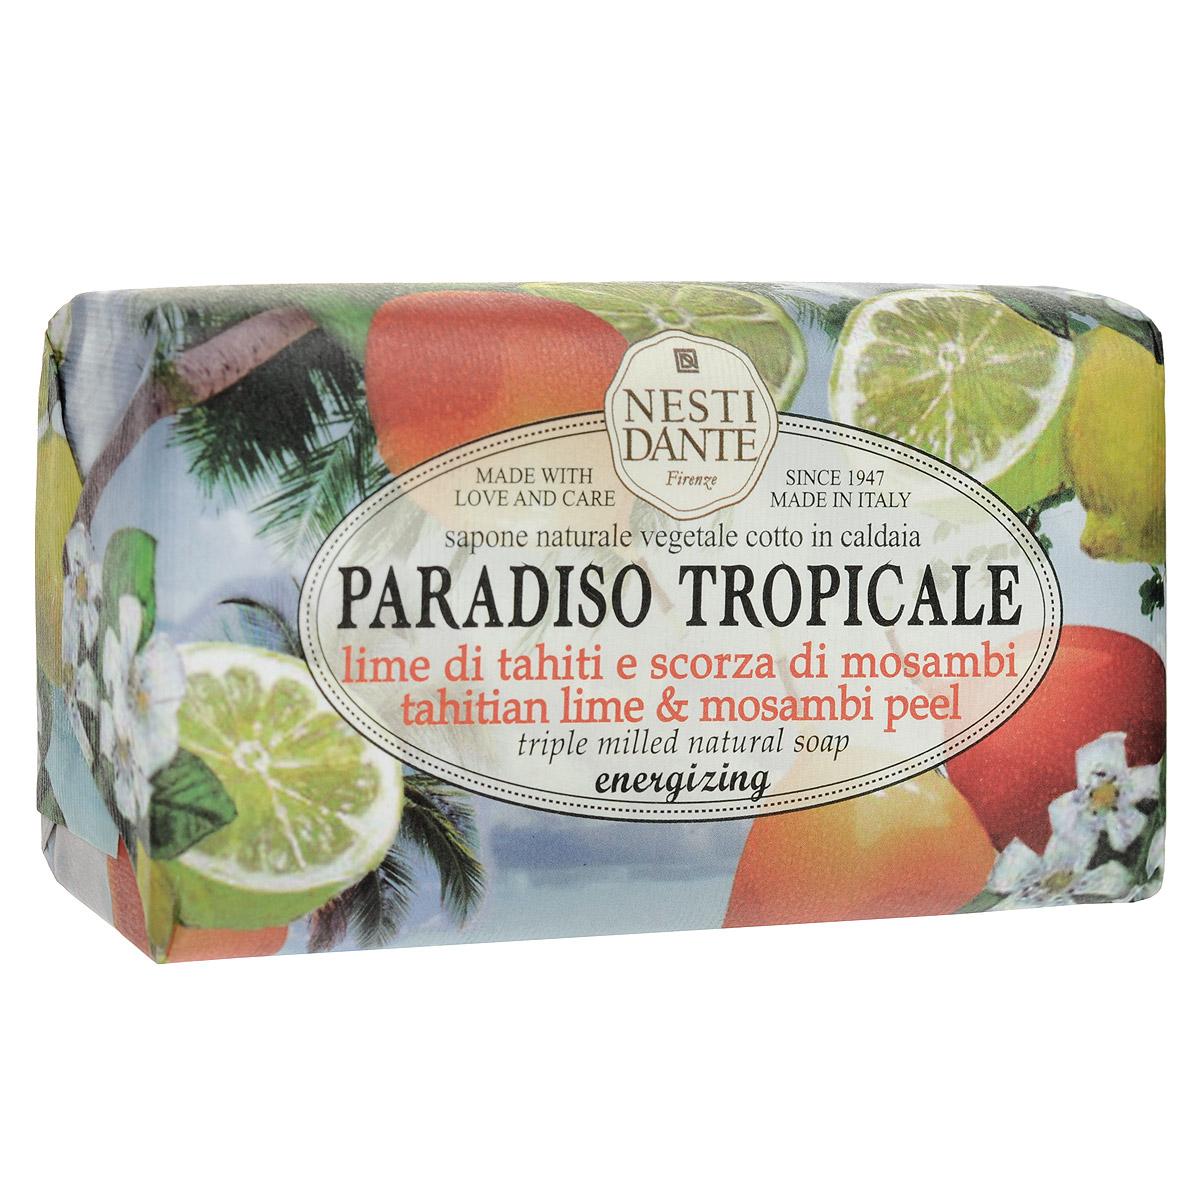 Nesti Dante Мыло Tahitian Lime & Mosambi Peel, 250 г1331106Мыло Nesti Dante Tahitian Lime & Mosambi Peel - свежий и прохладный ароматический этюд мыла придаст заряд энергии и сил на весь день.